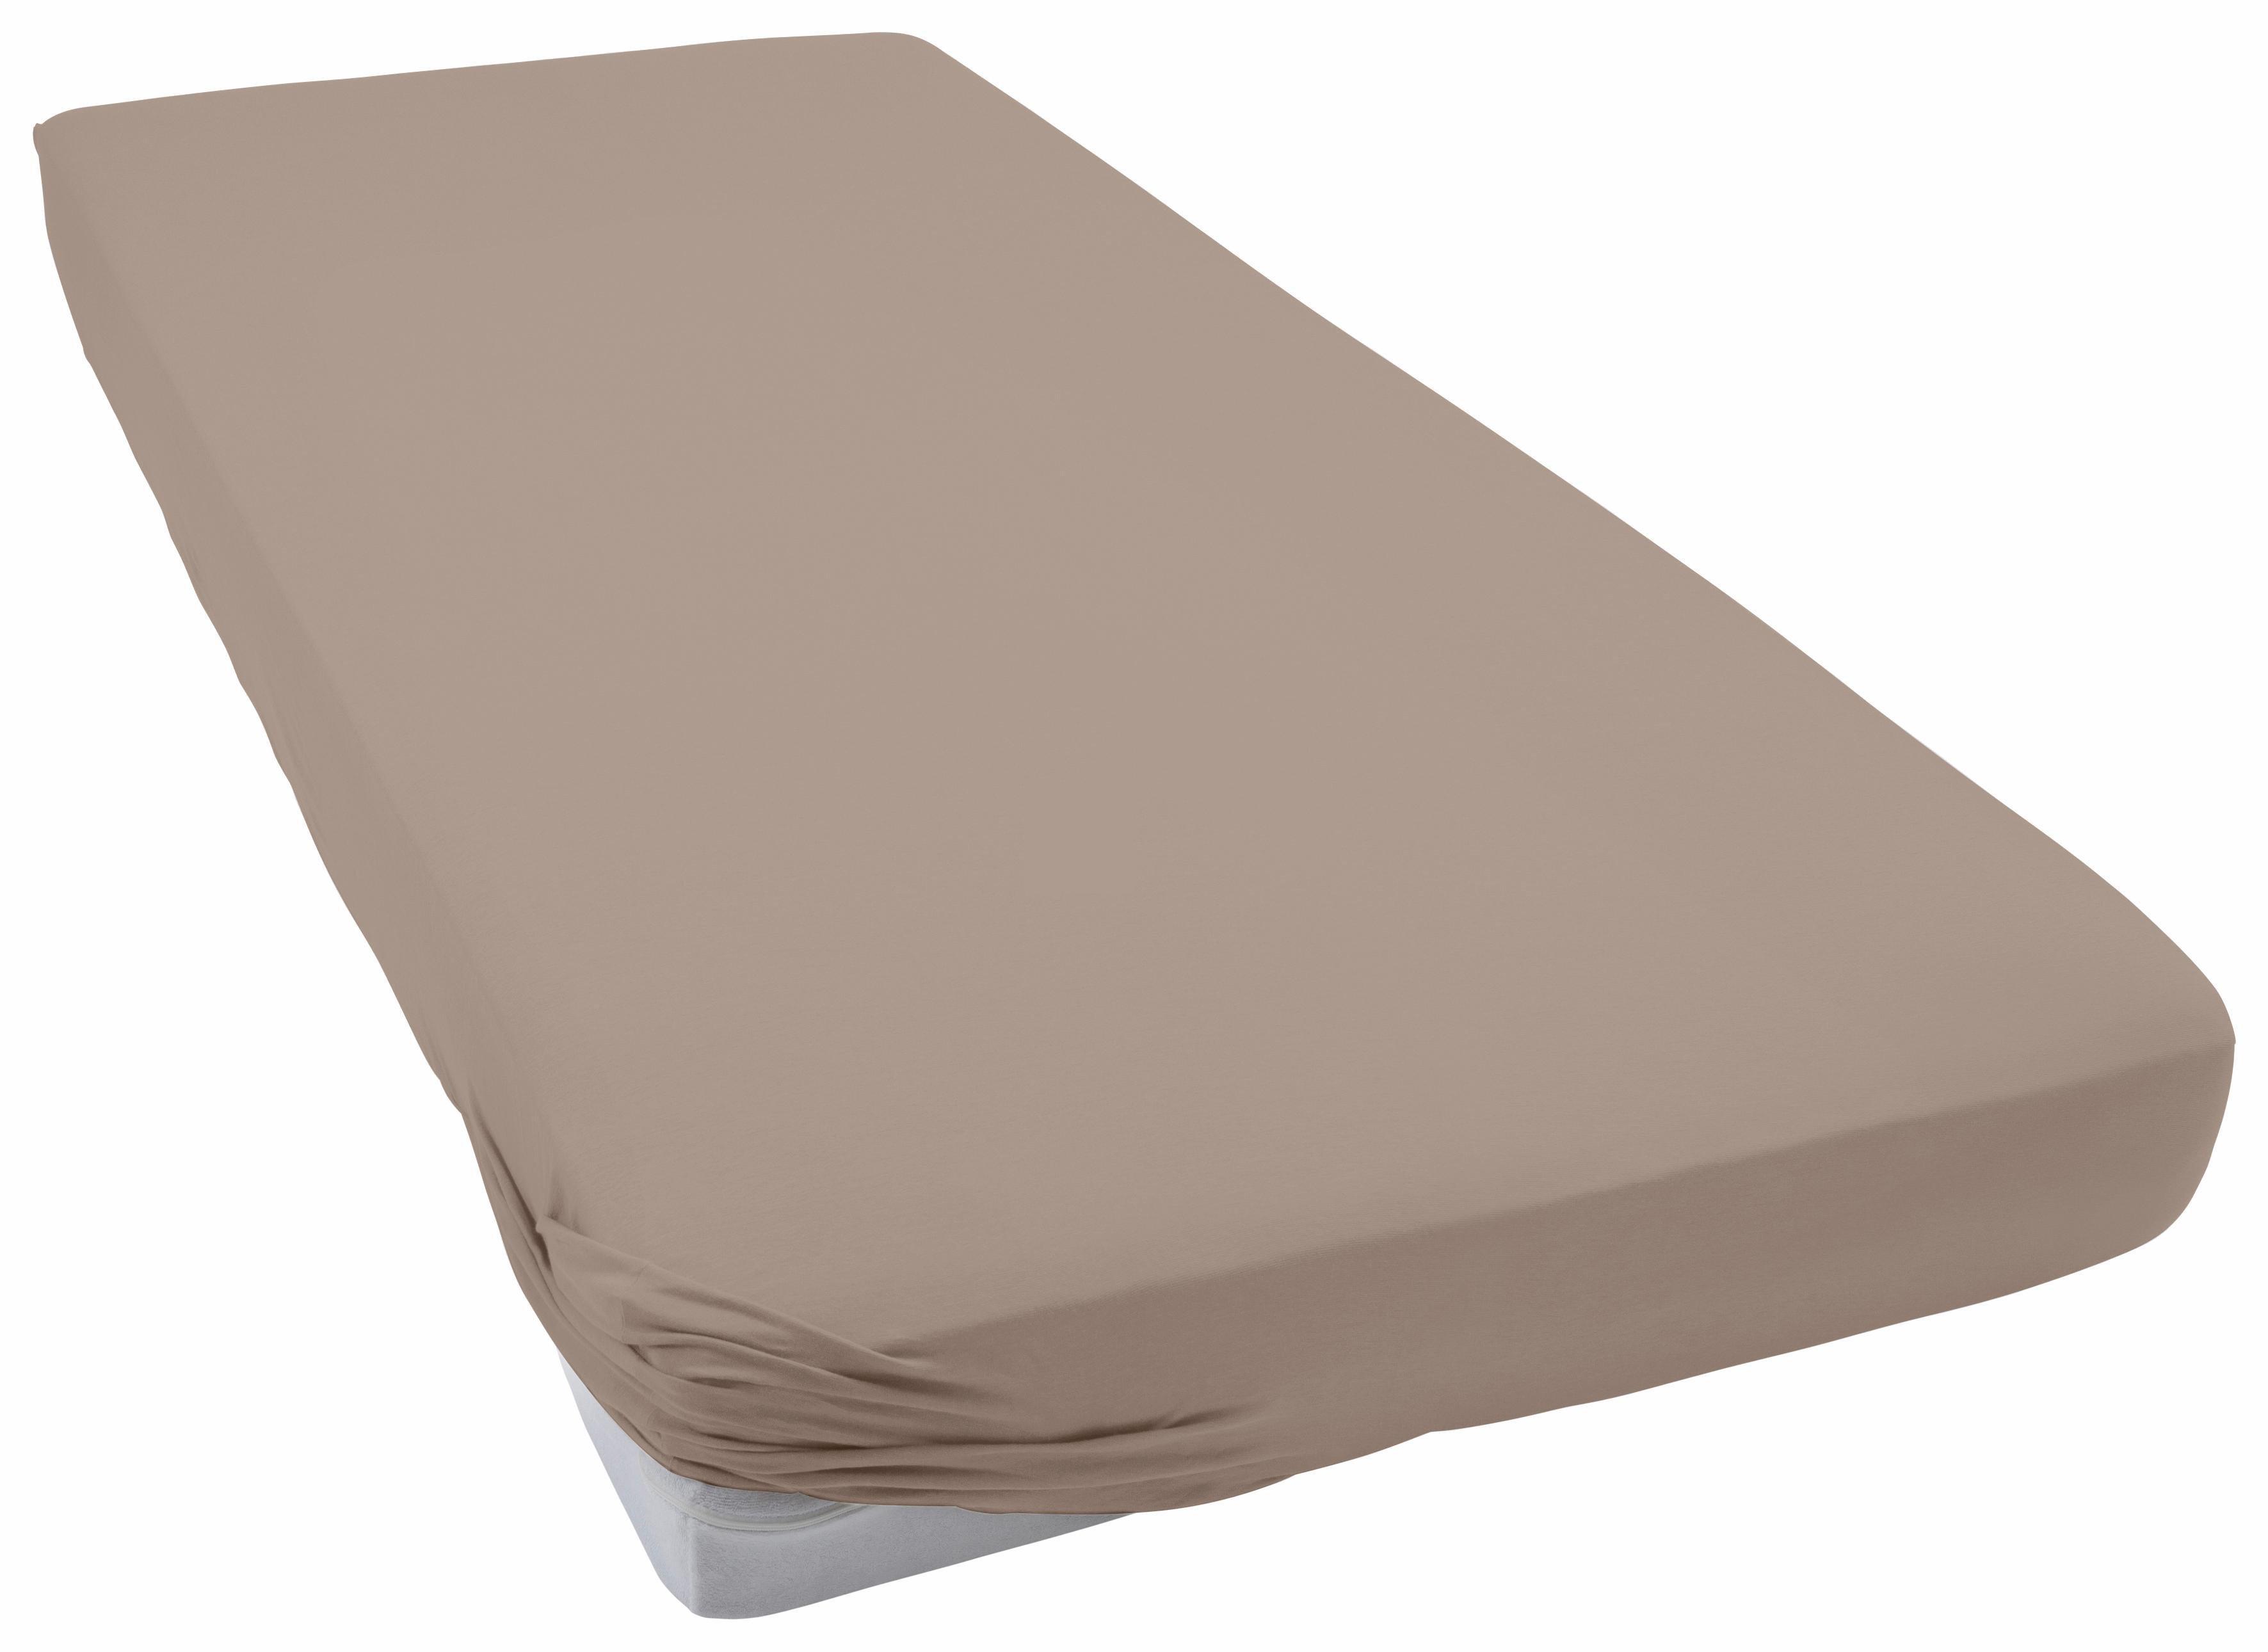 baumwolle yogamatte preisvergleich die besten angebote online kaufen. Black Bedroom Furniture Sets. Home Design Ideas